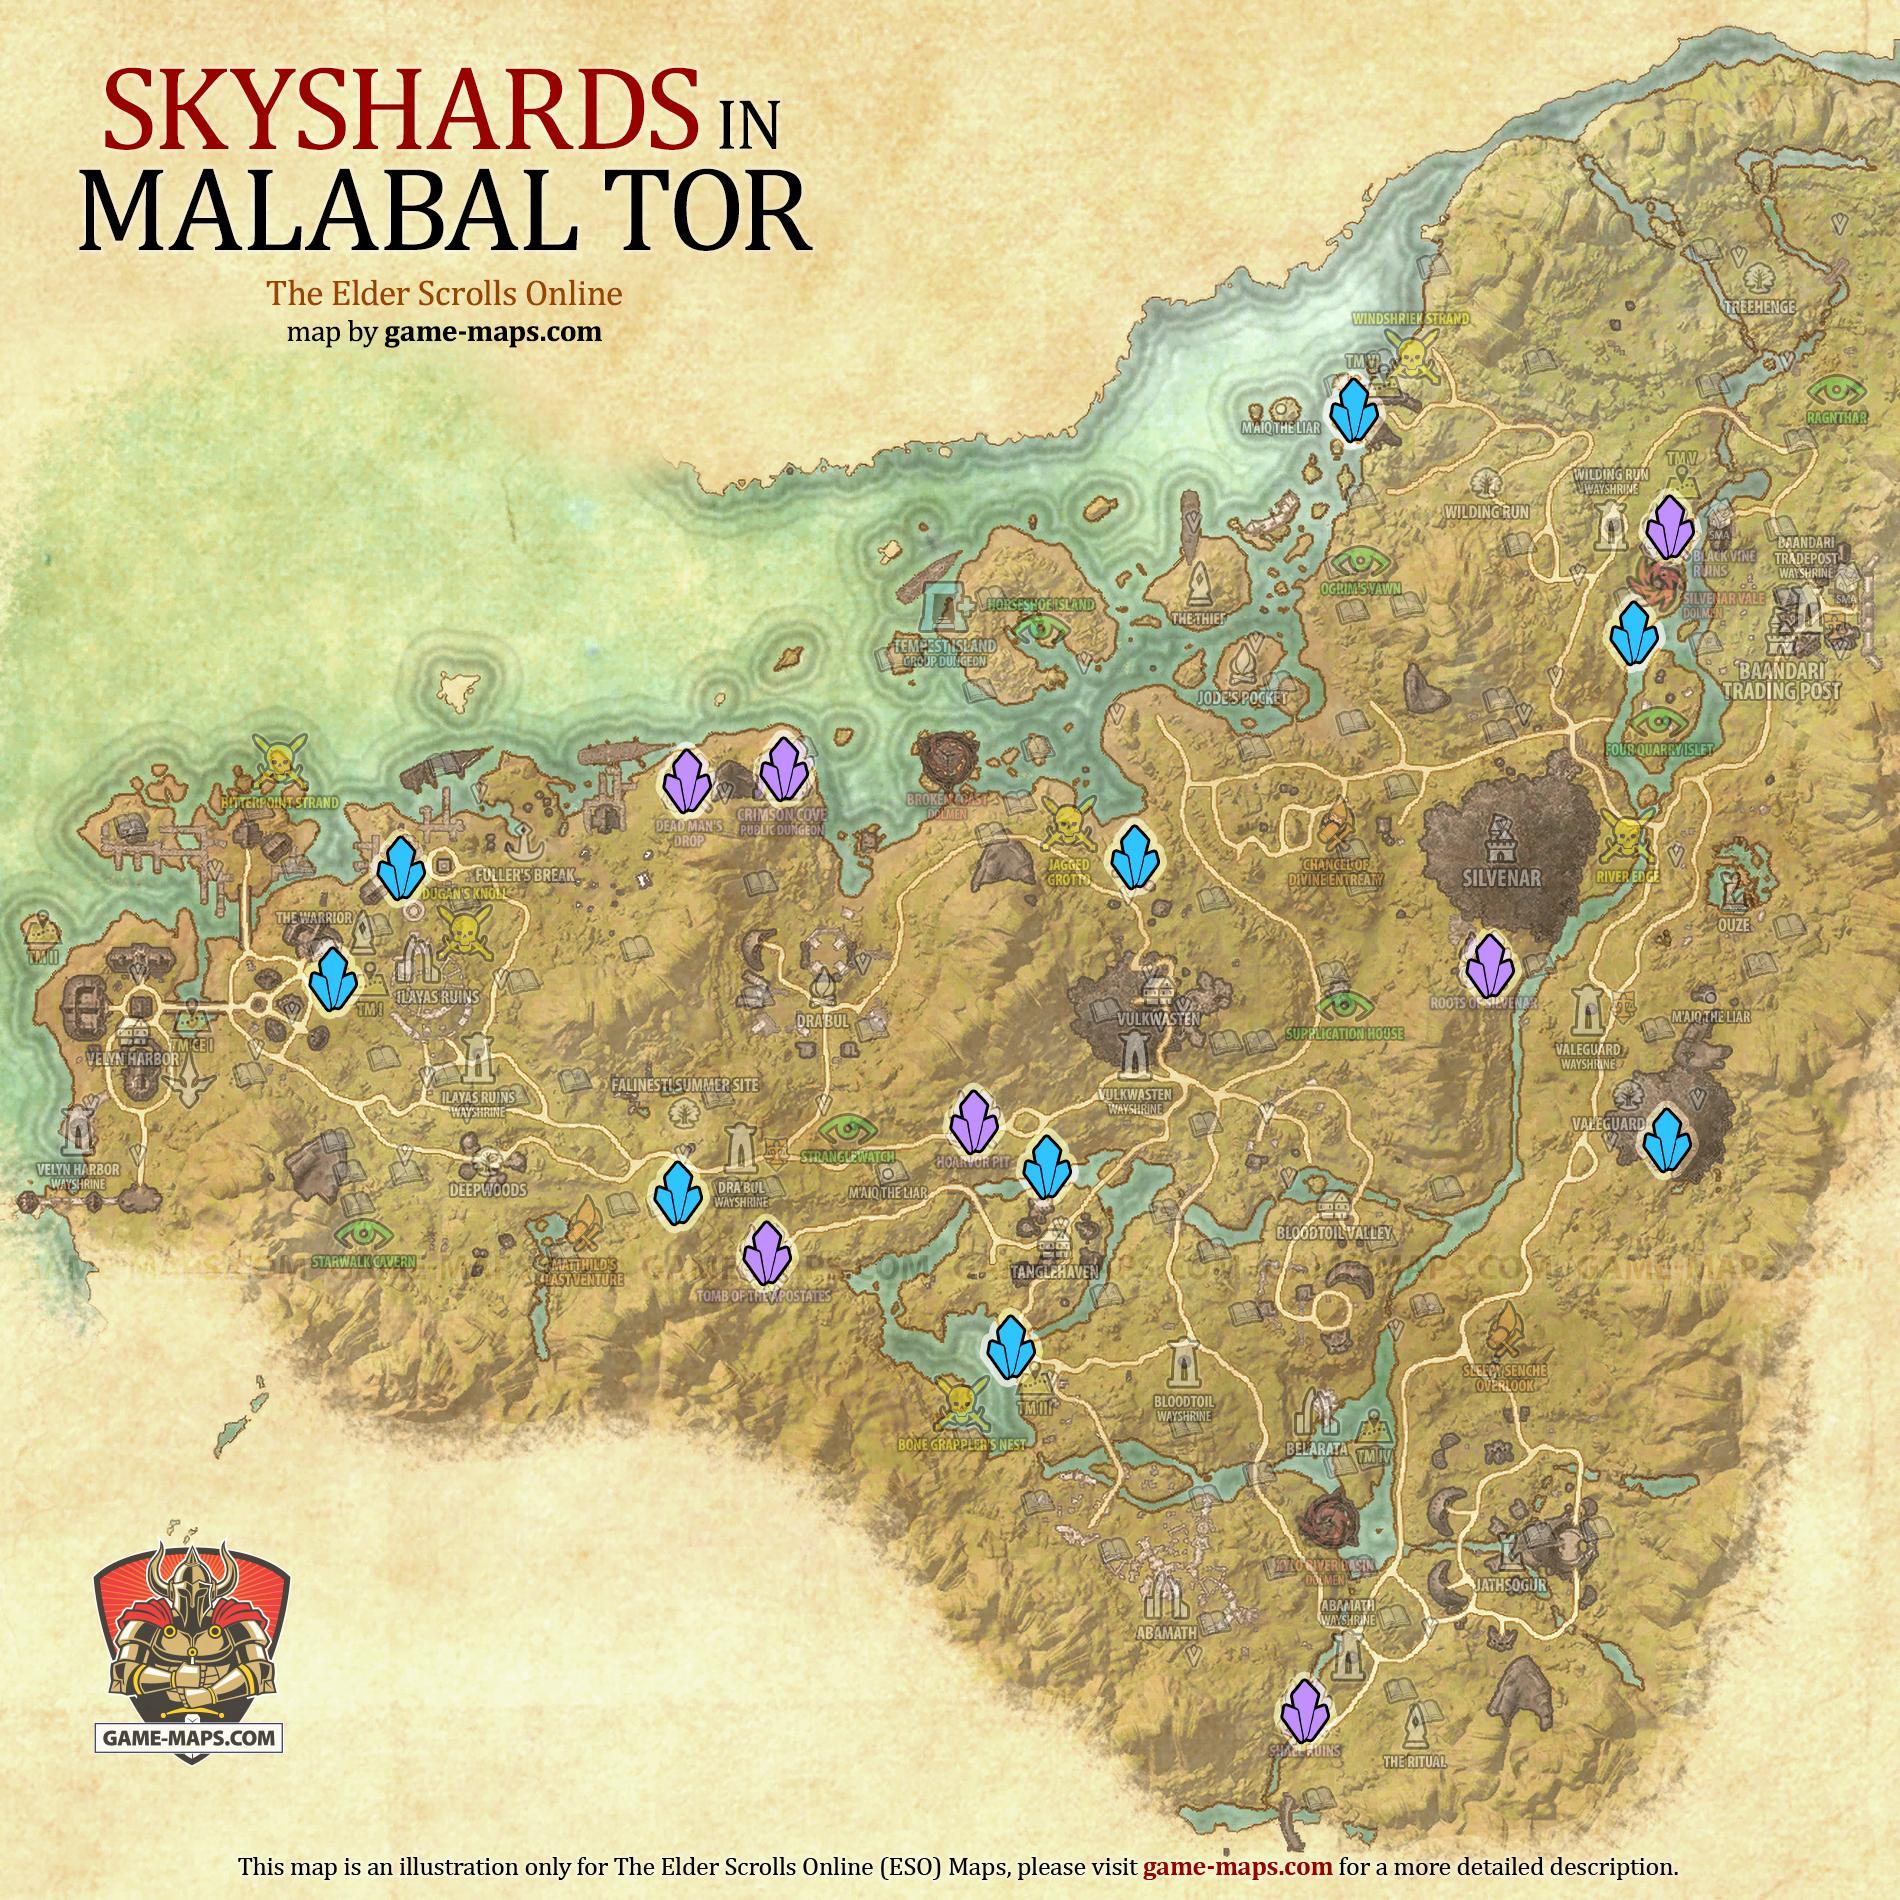 Malabal Tor Skyshards Location Map Eso Game Maps Com